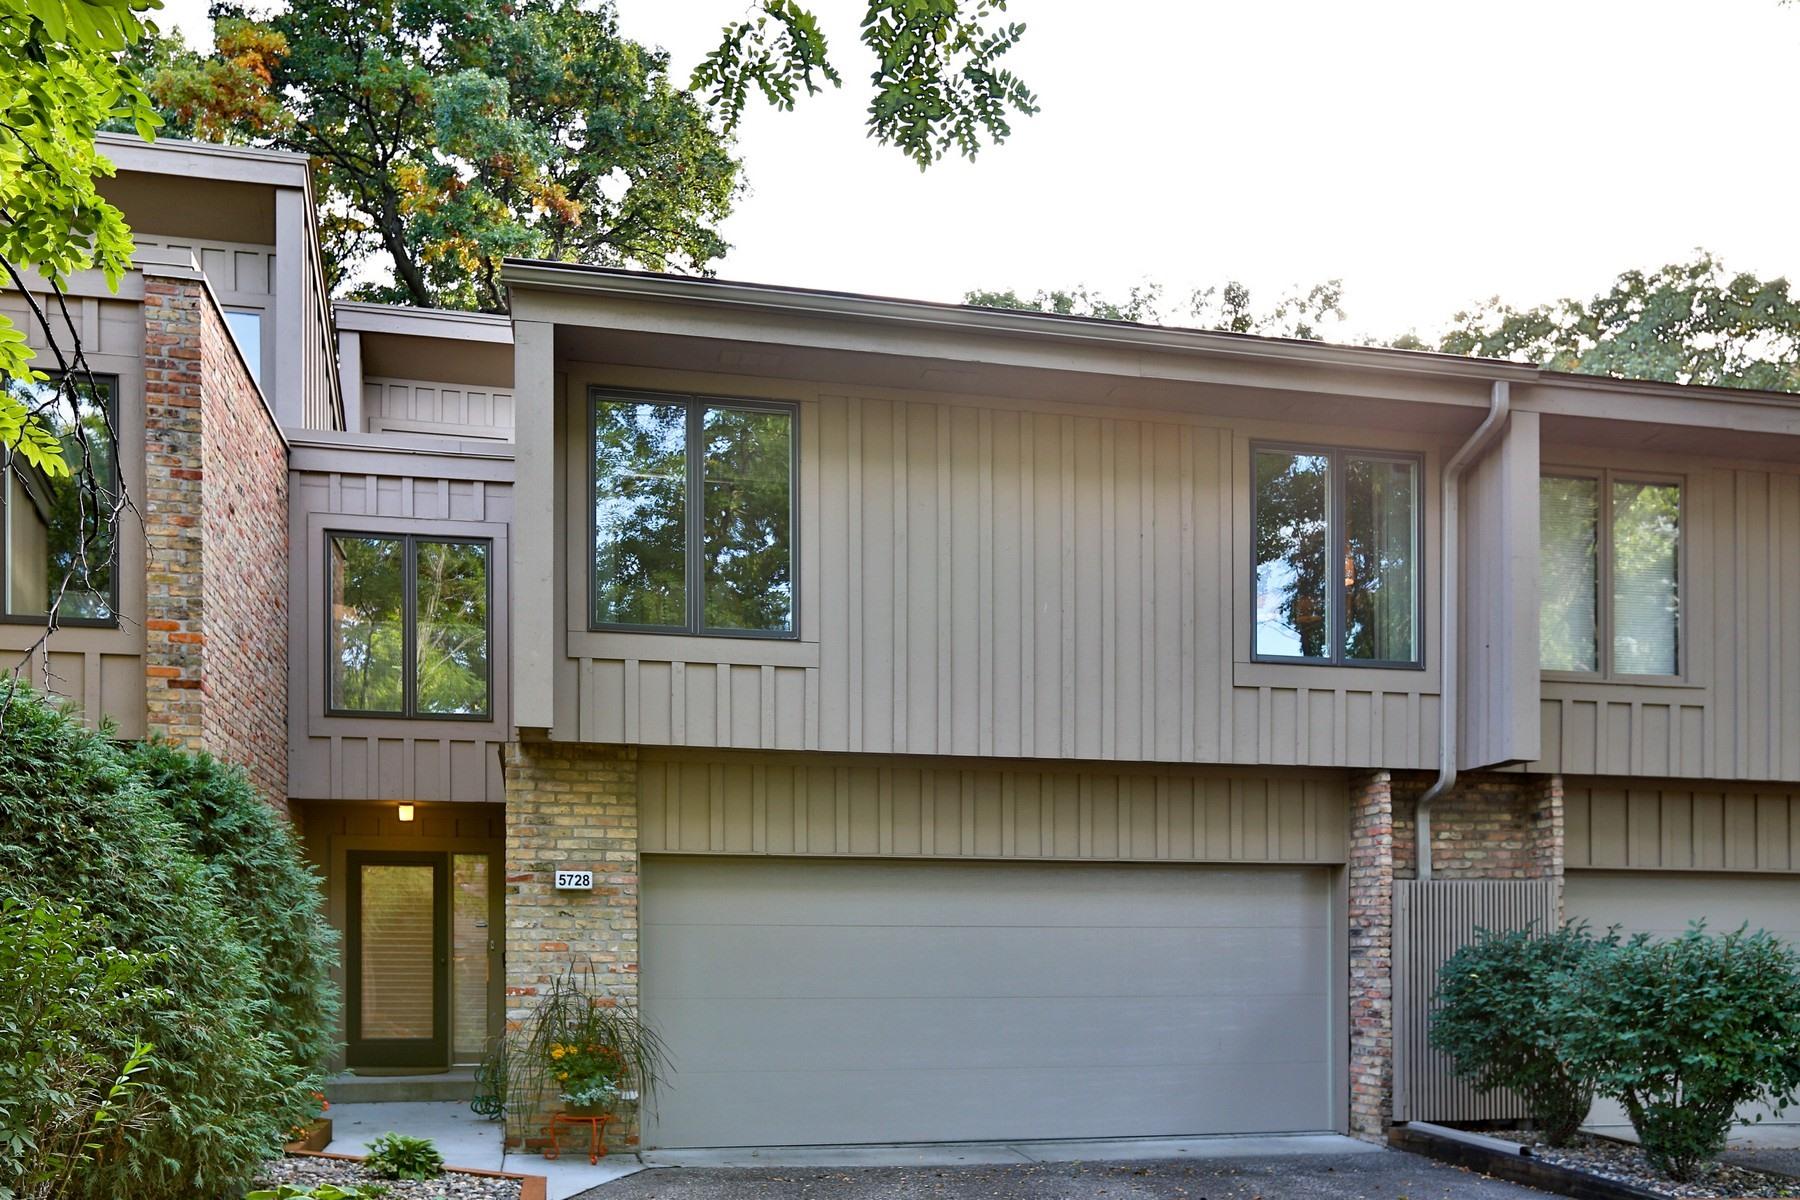 独户住宅 为 销售 在 5728 Tucker Lane 伊代纳, 明尼苏达州, 55436 美国